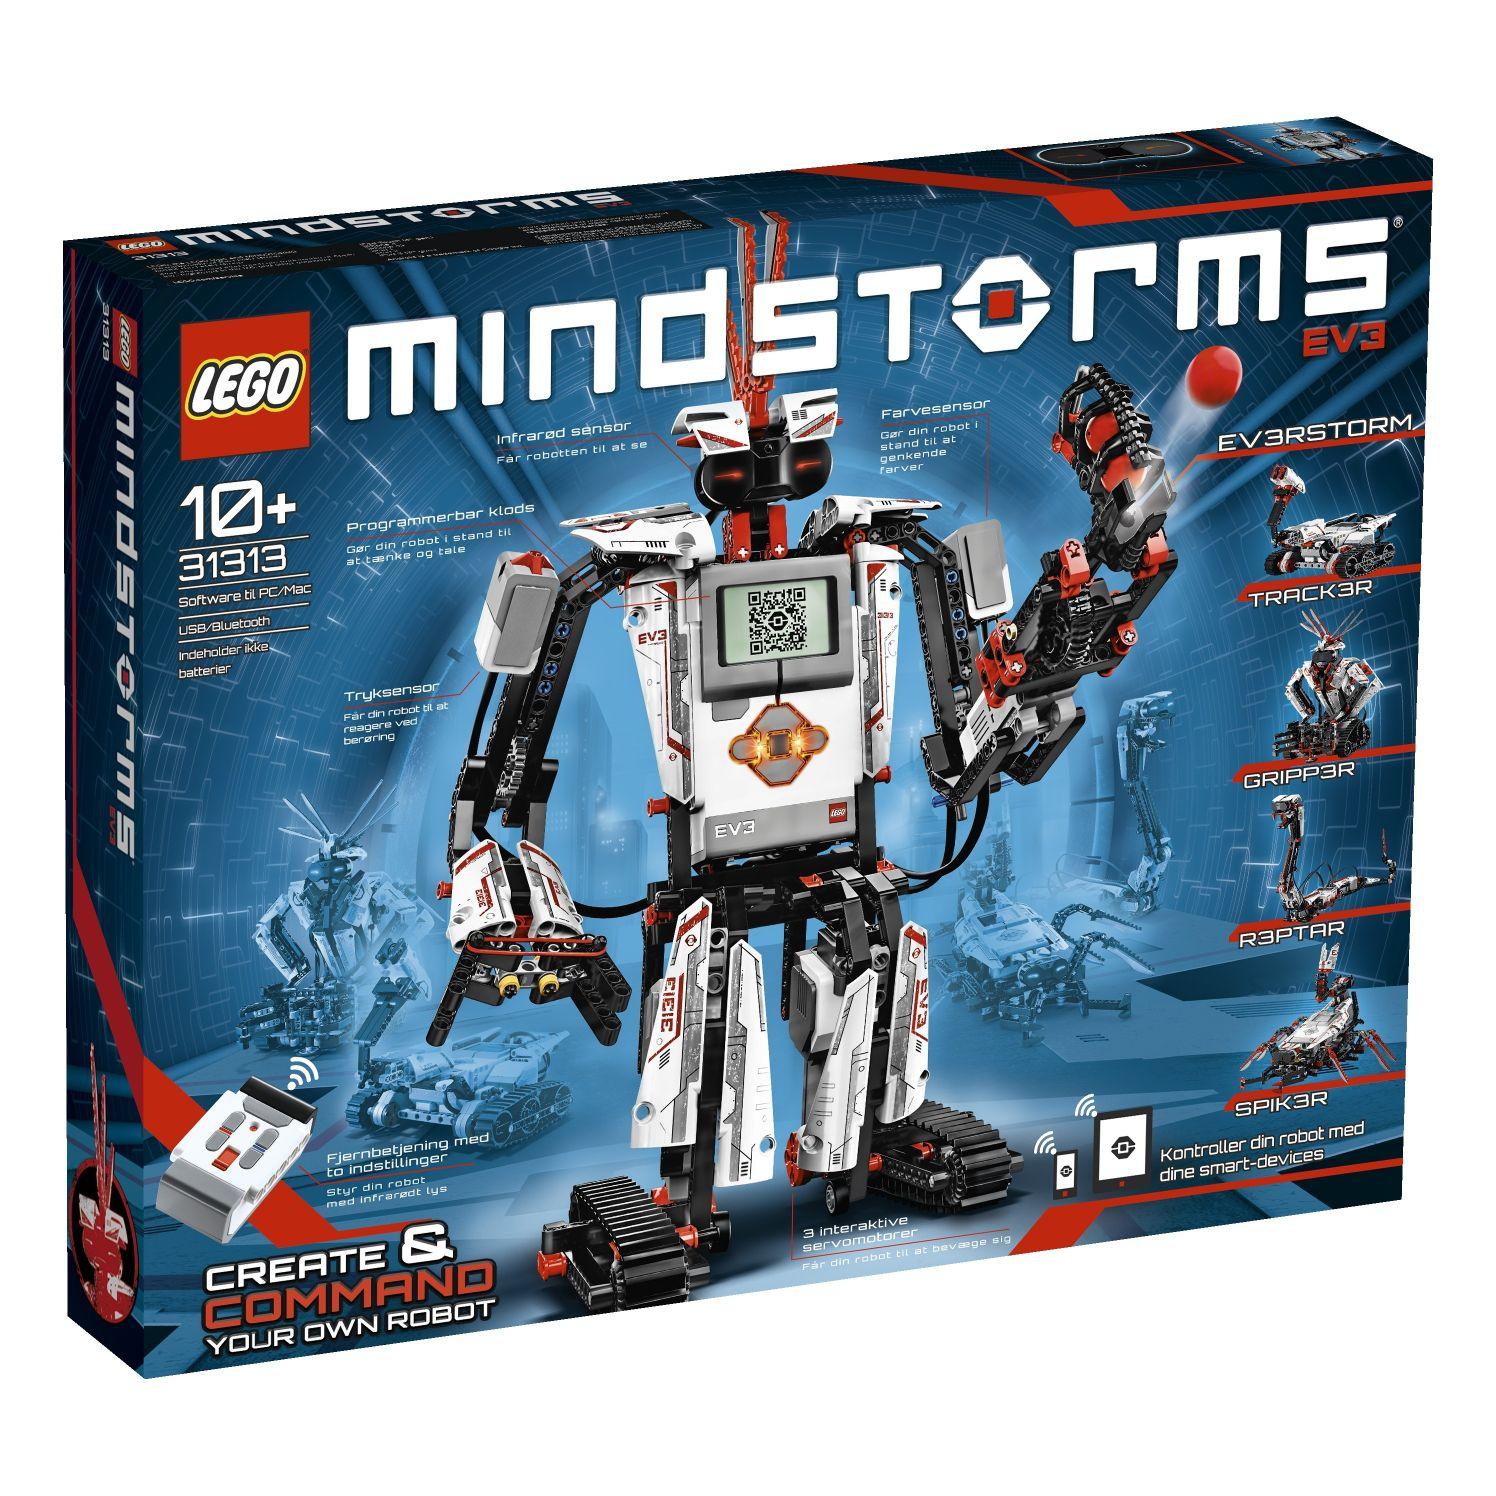 LEGO Mindstorms EV3 programmierbarer Roboter (31313)